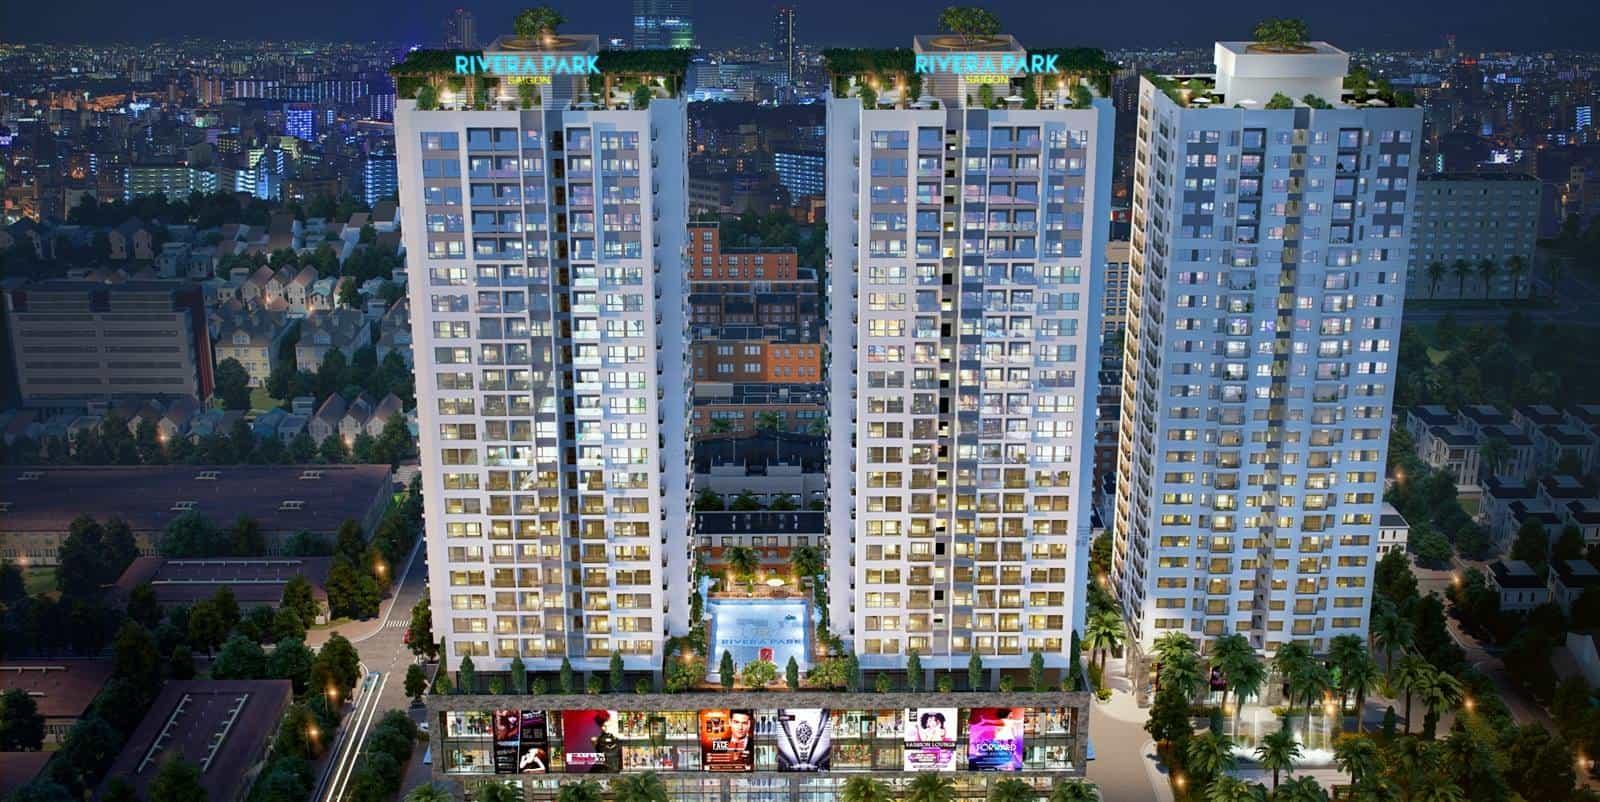 Khám phá những tiện ích của chung cư Rivera Park Sài Gòn 2108796988